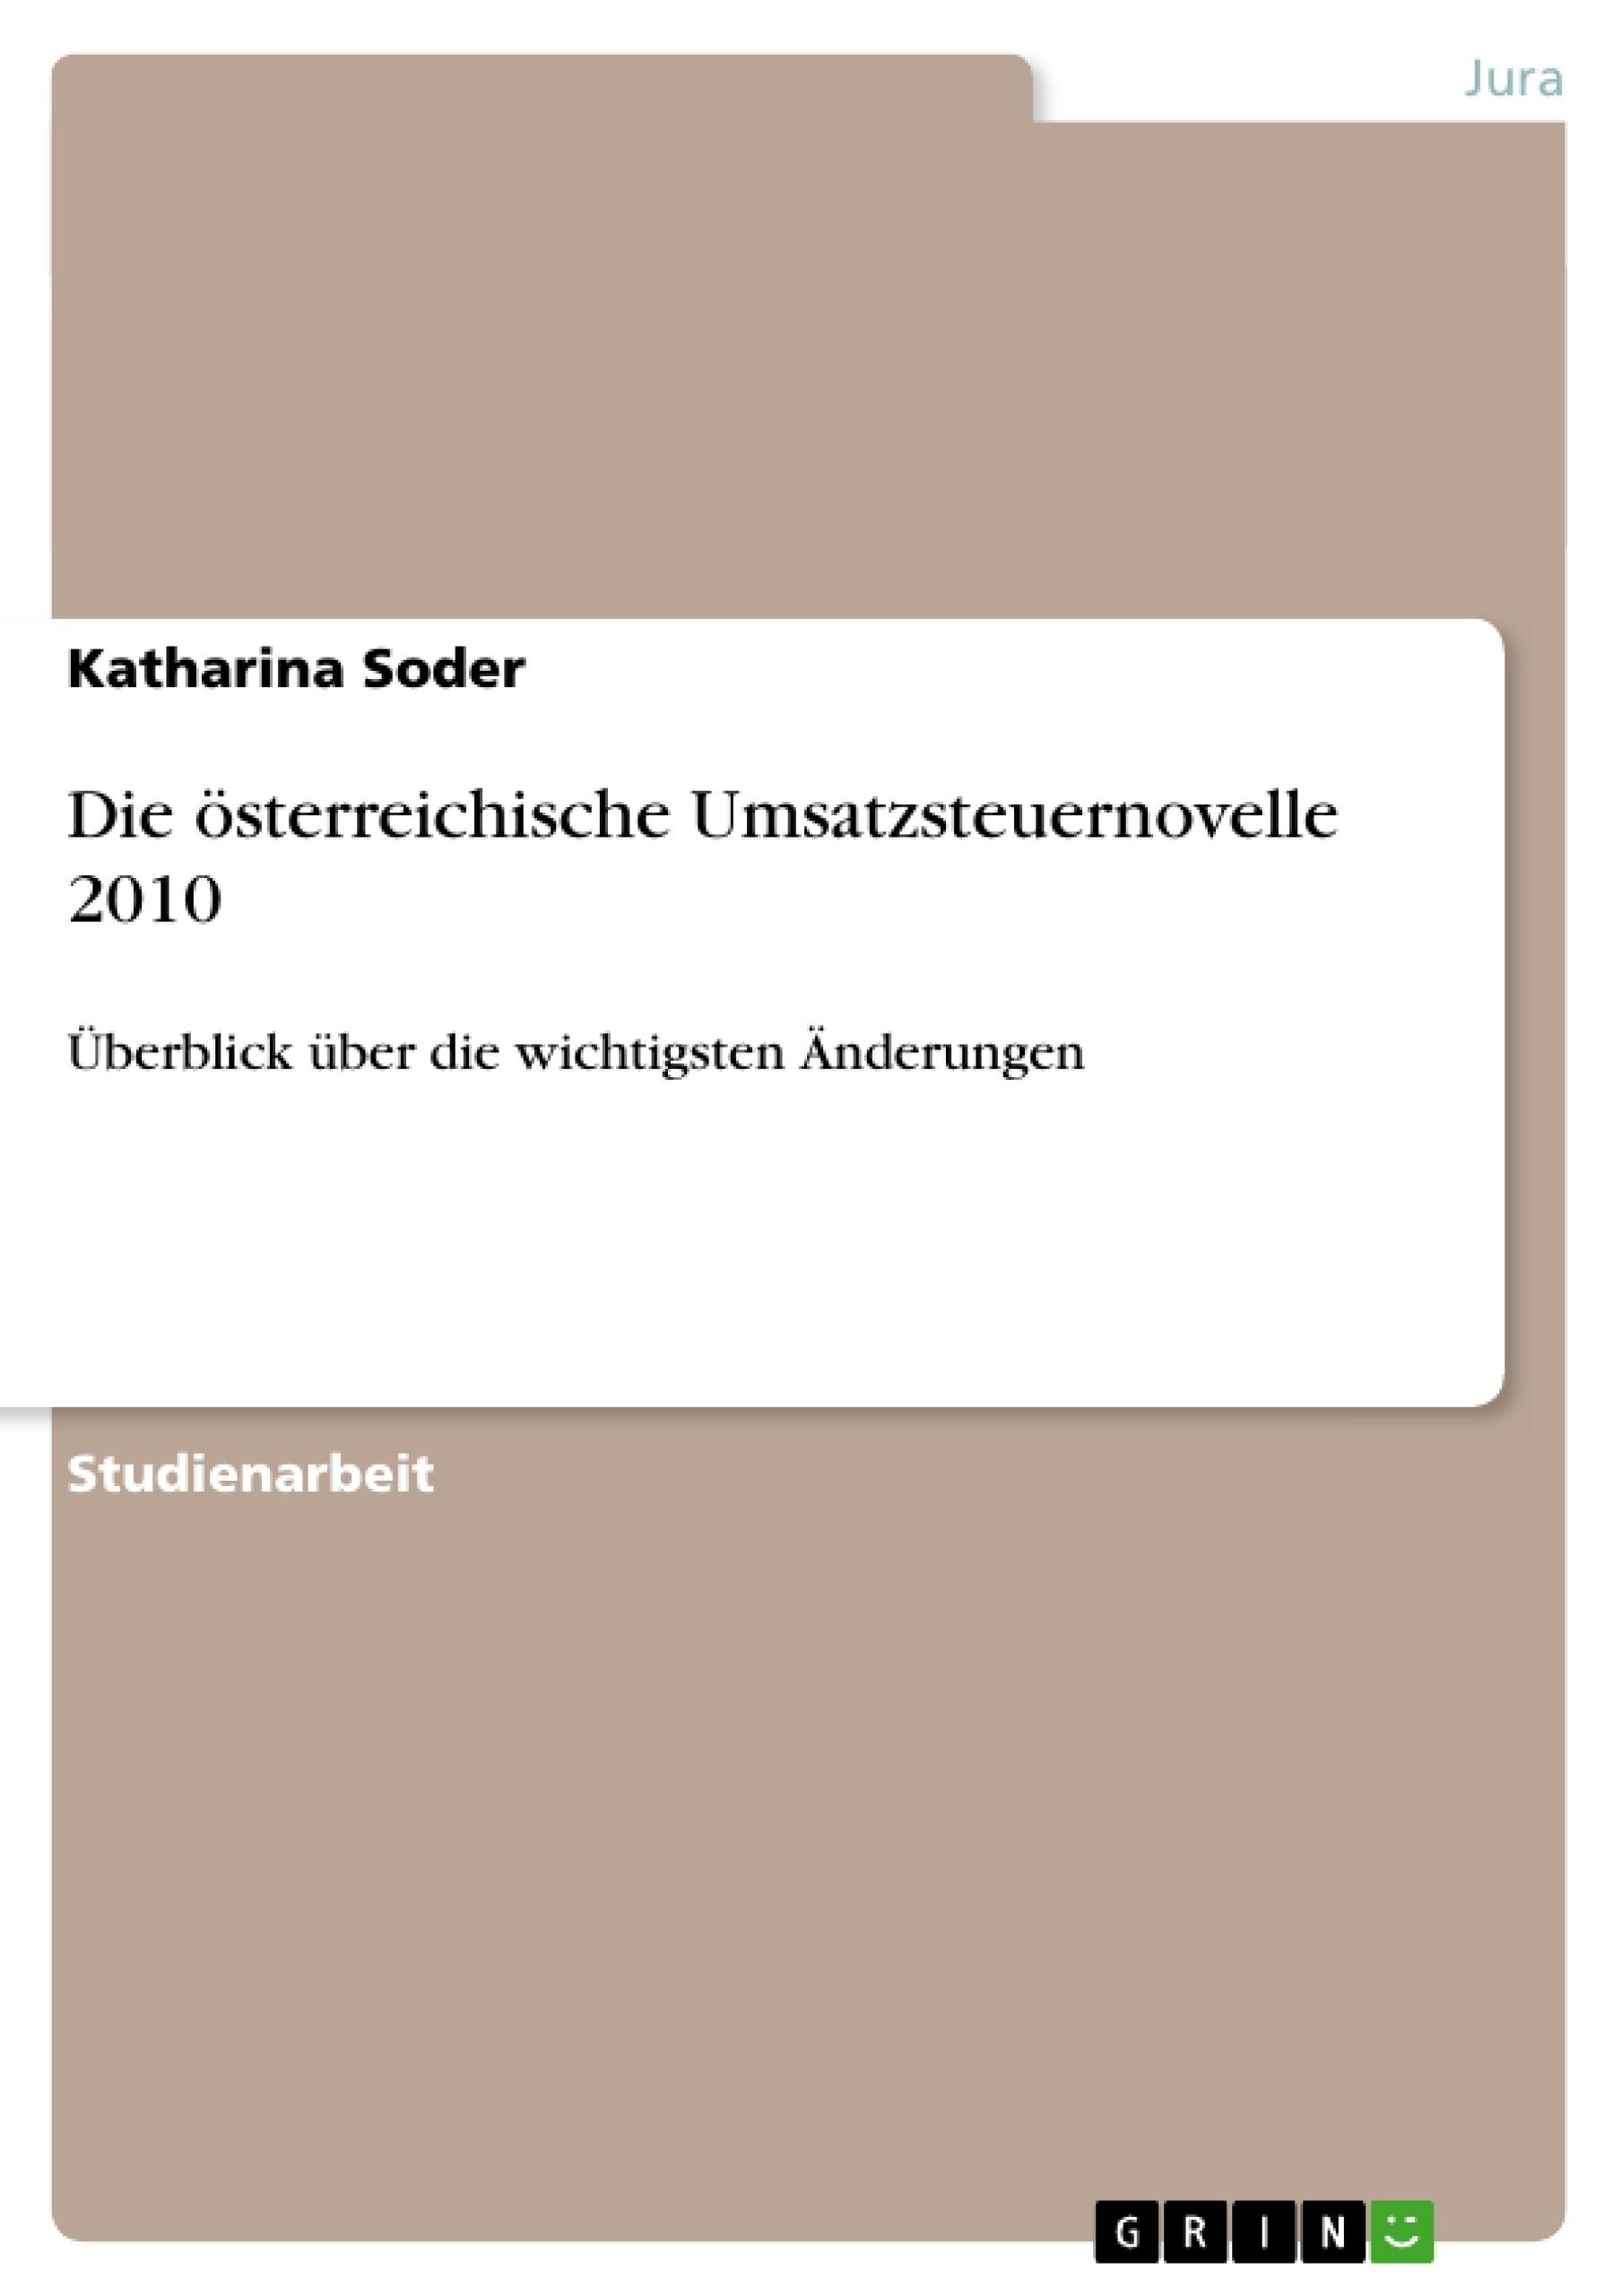 Titel: Die österreichische Umsatzsteuernovelle 2010